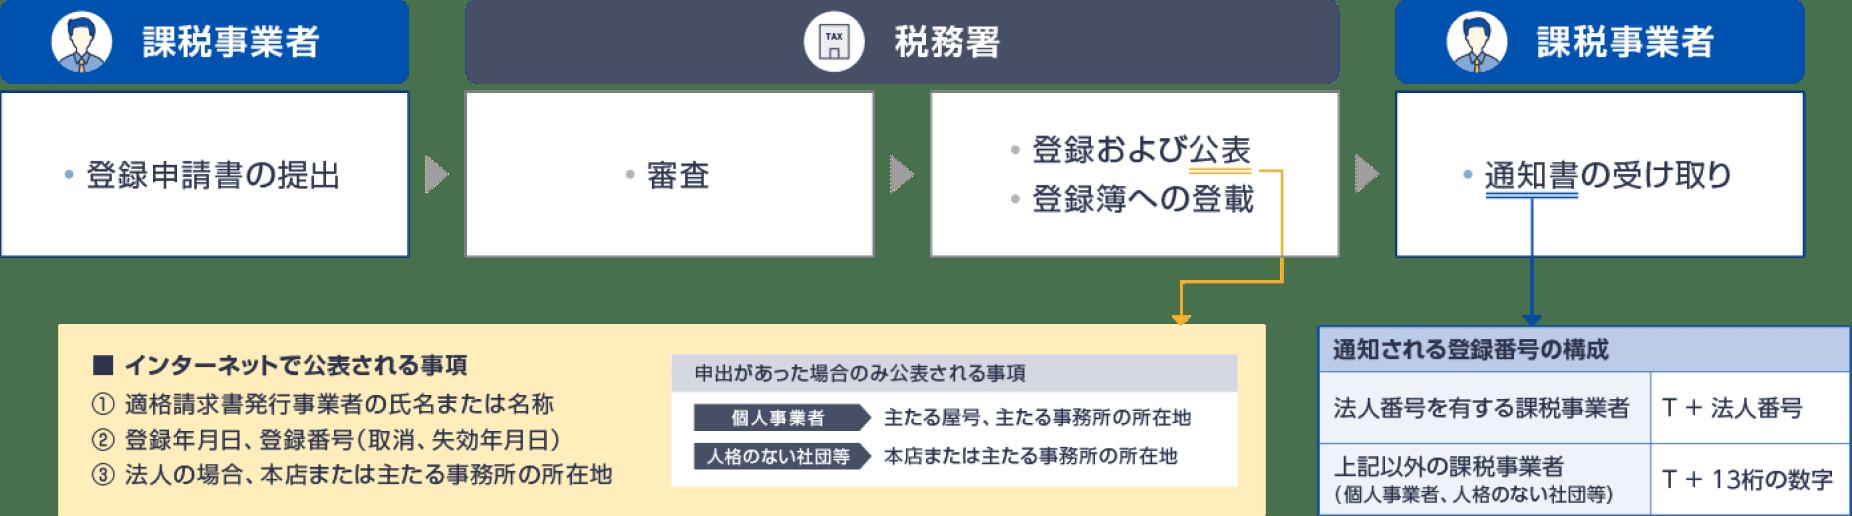 図: 発行事業者への登録の流れ